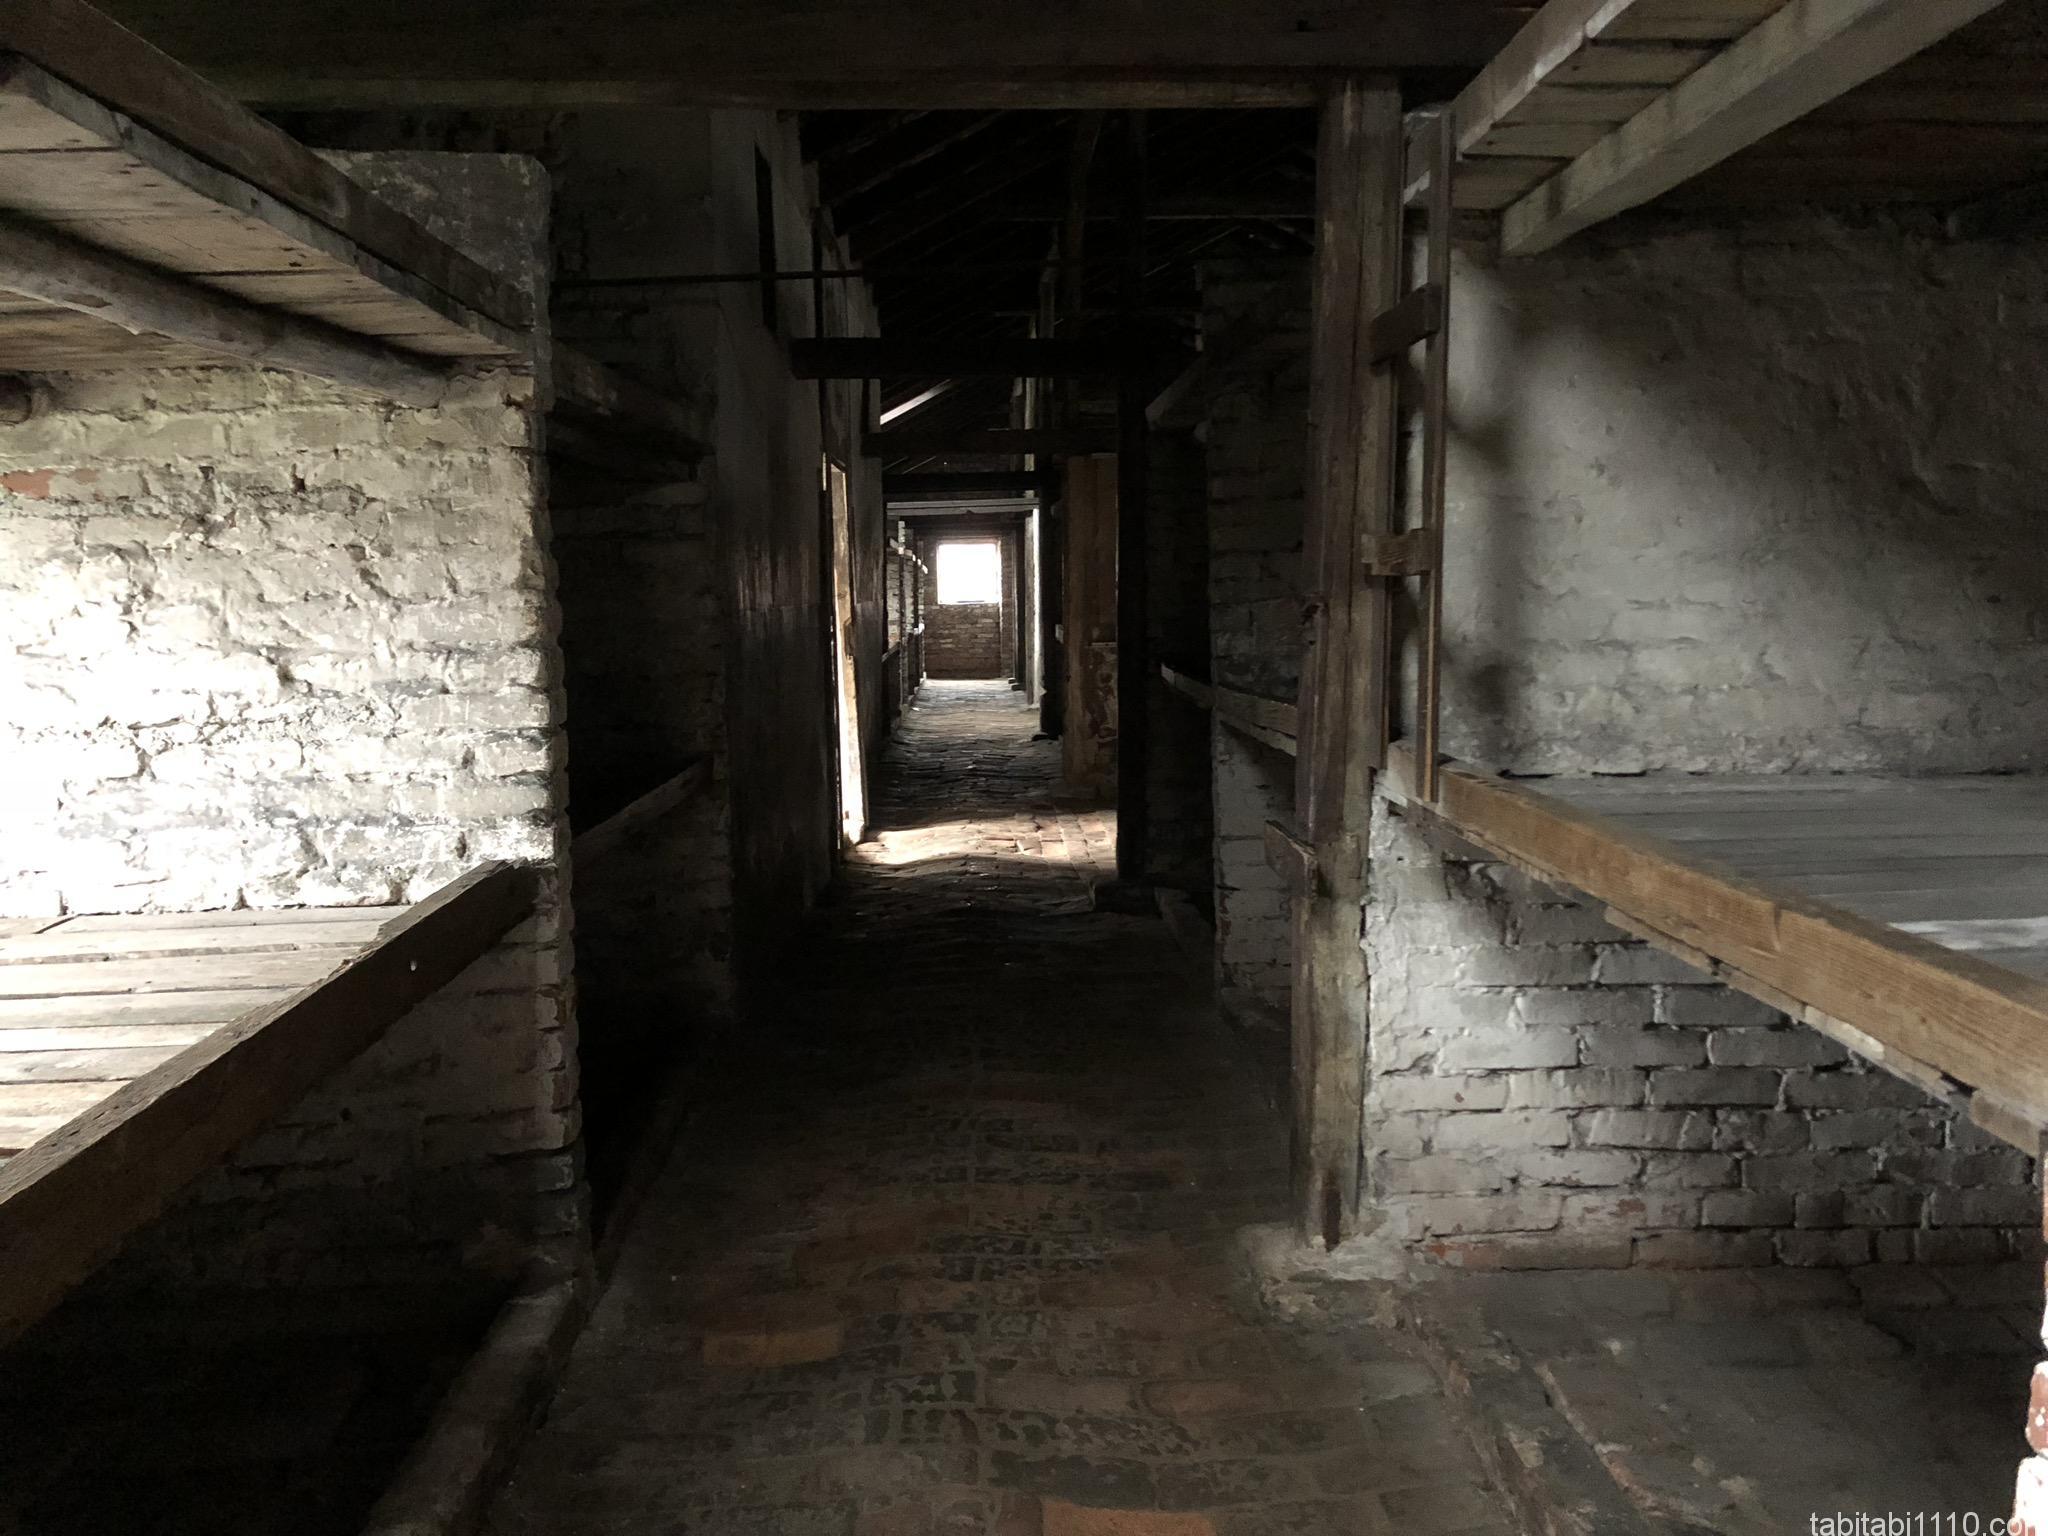 ビルケナウ強制収容所|処刑待つ人の部屋